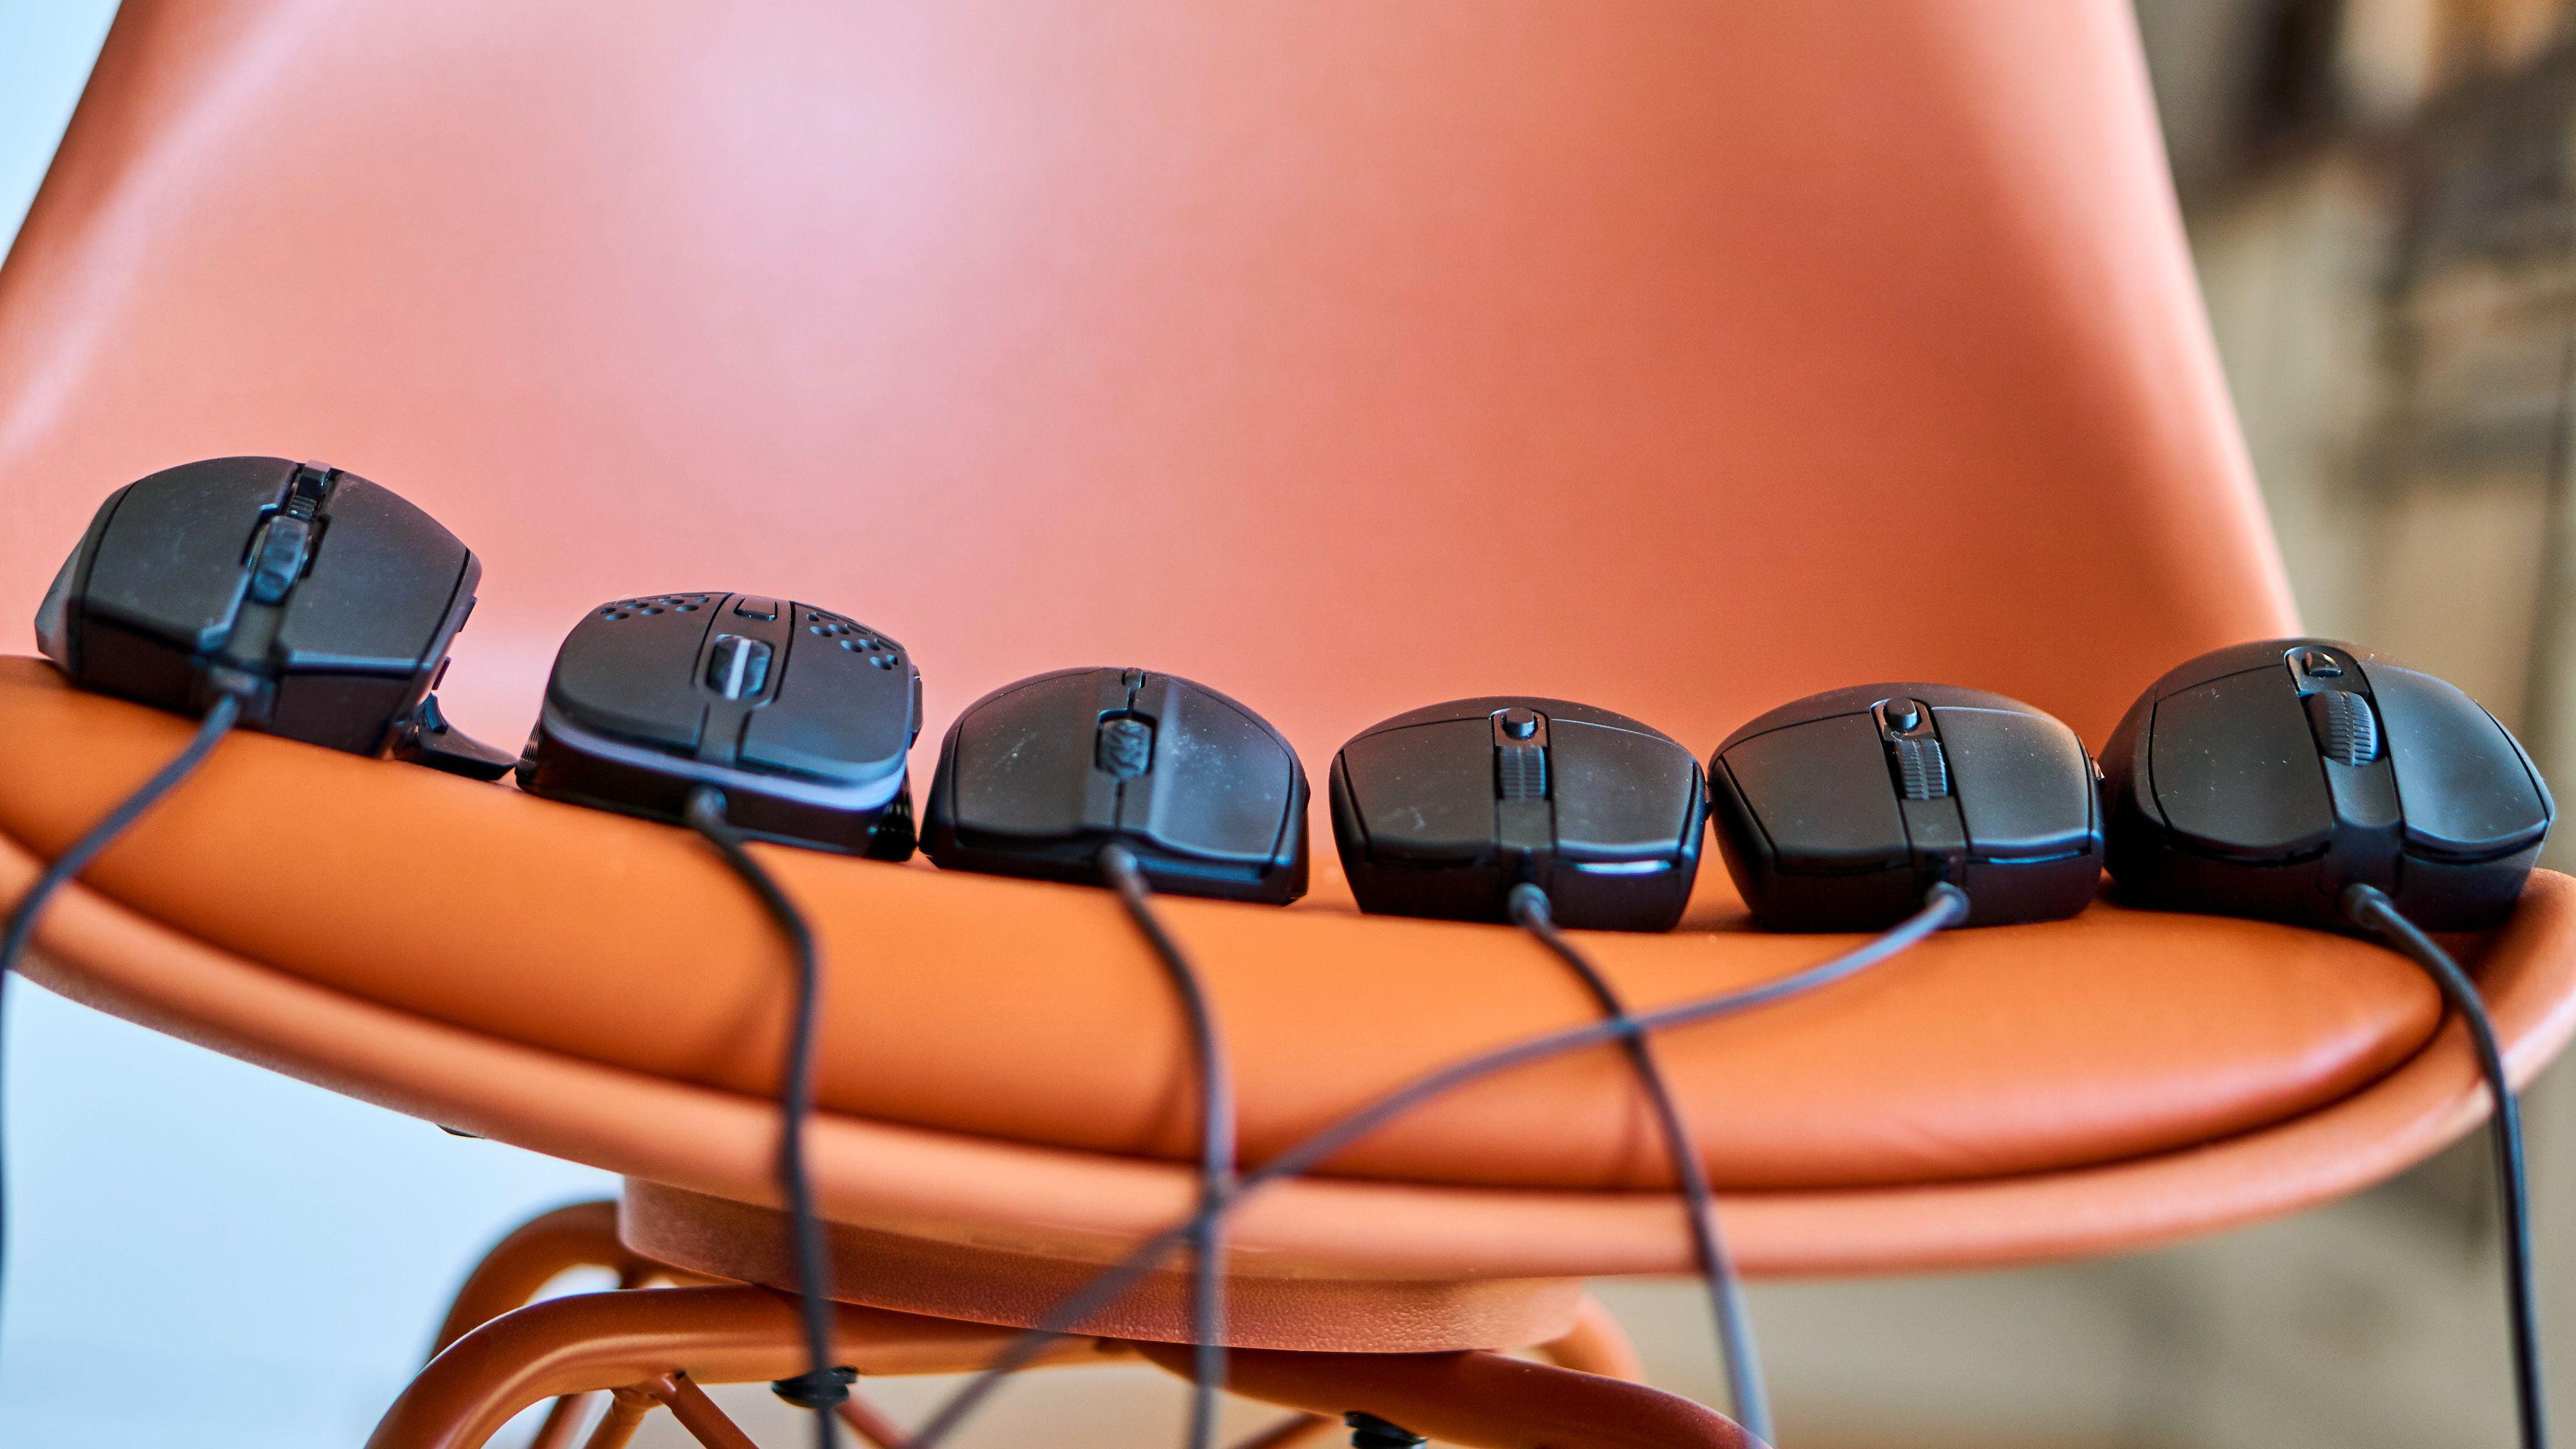 Våre tre testvinner fra forrige test (Cooler Master, Xtrfy og Steelseries) til venstre, nye Logitech-mus til høyre.